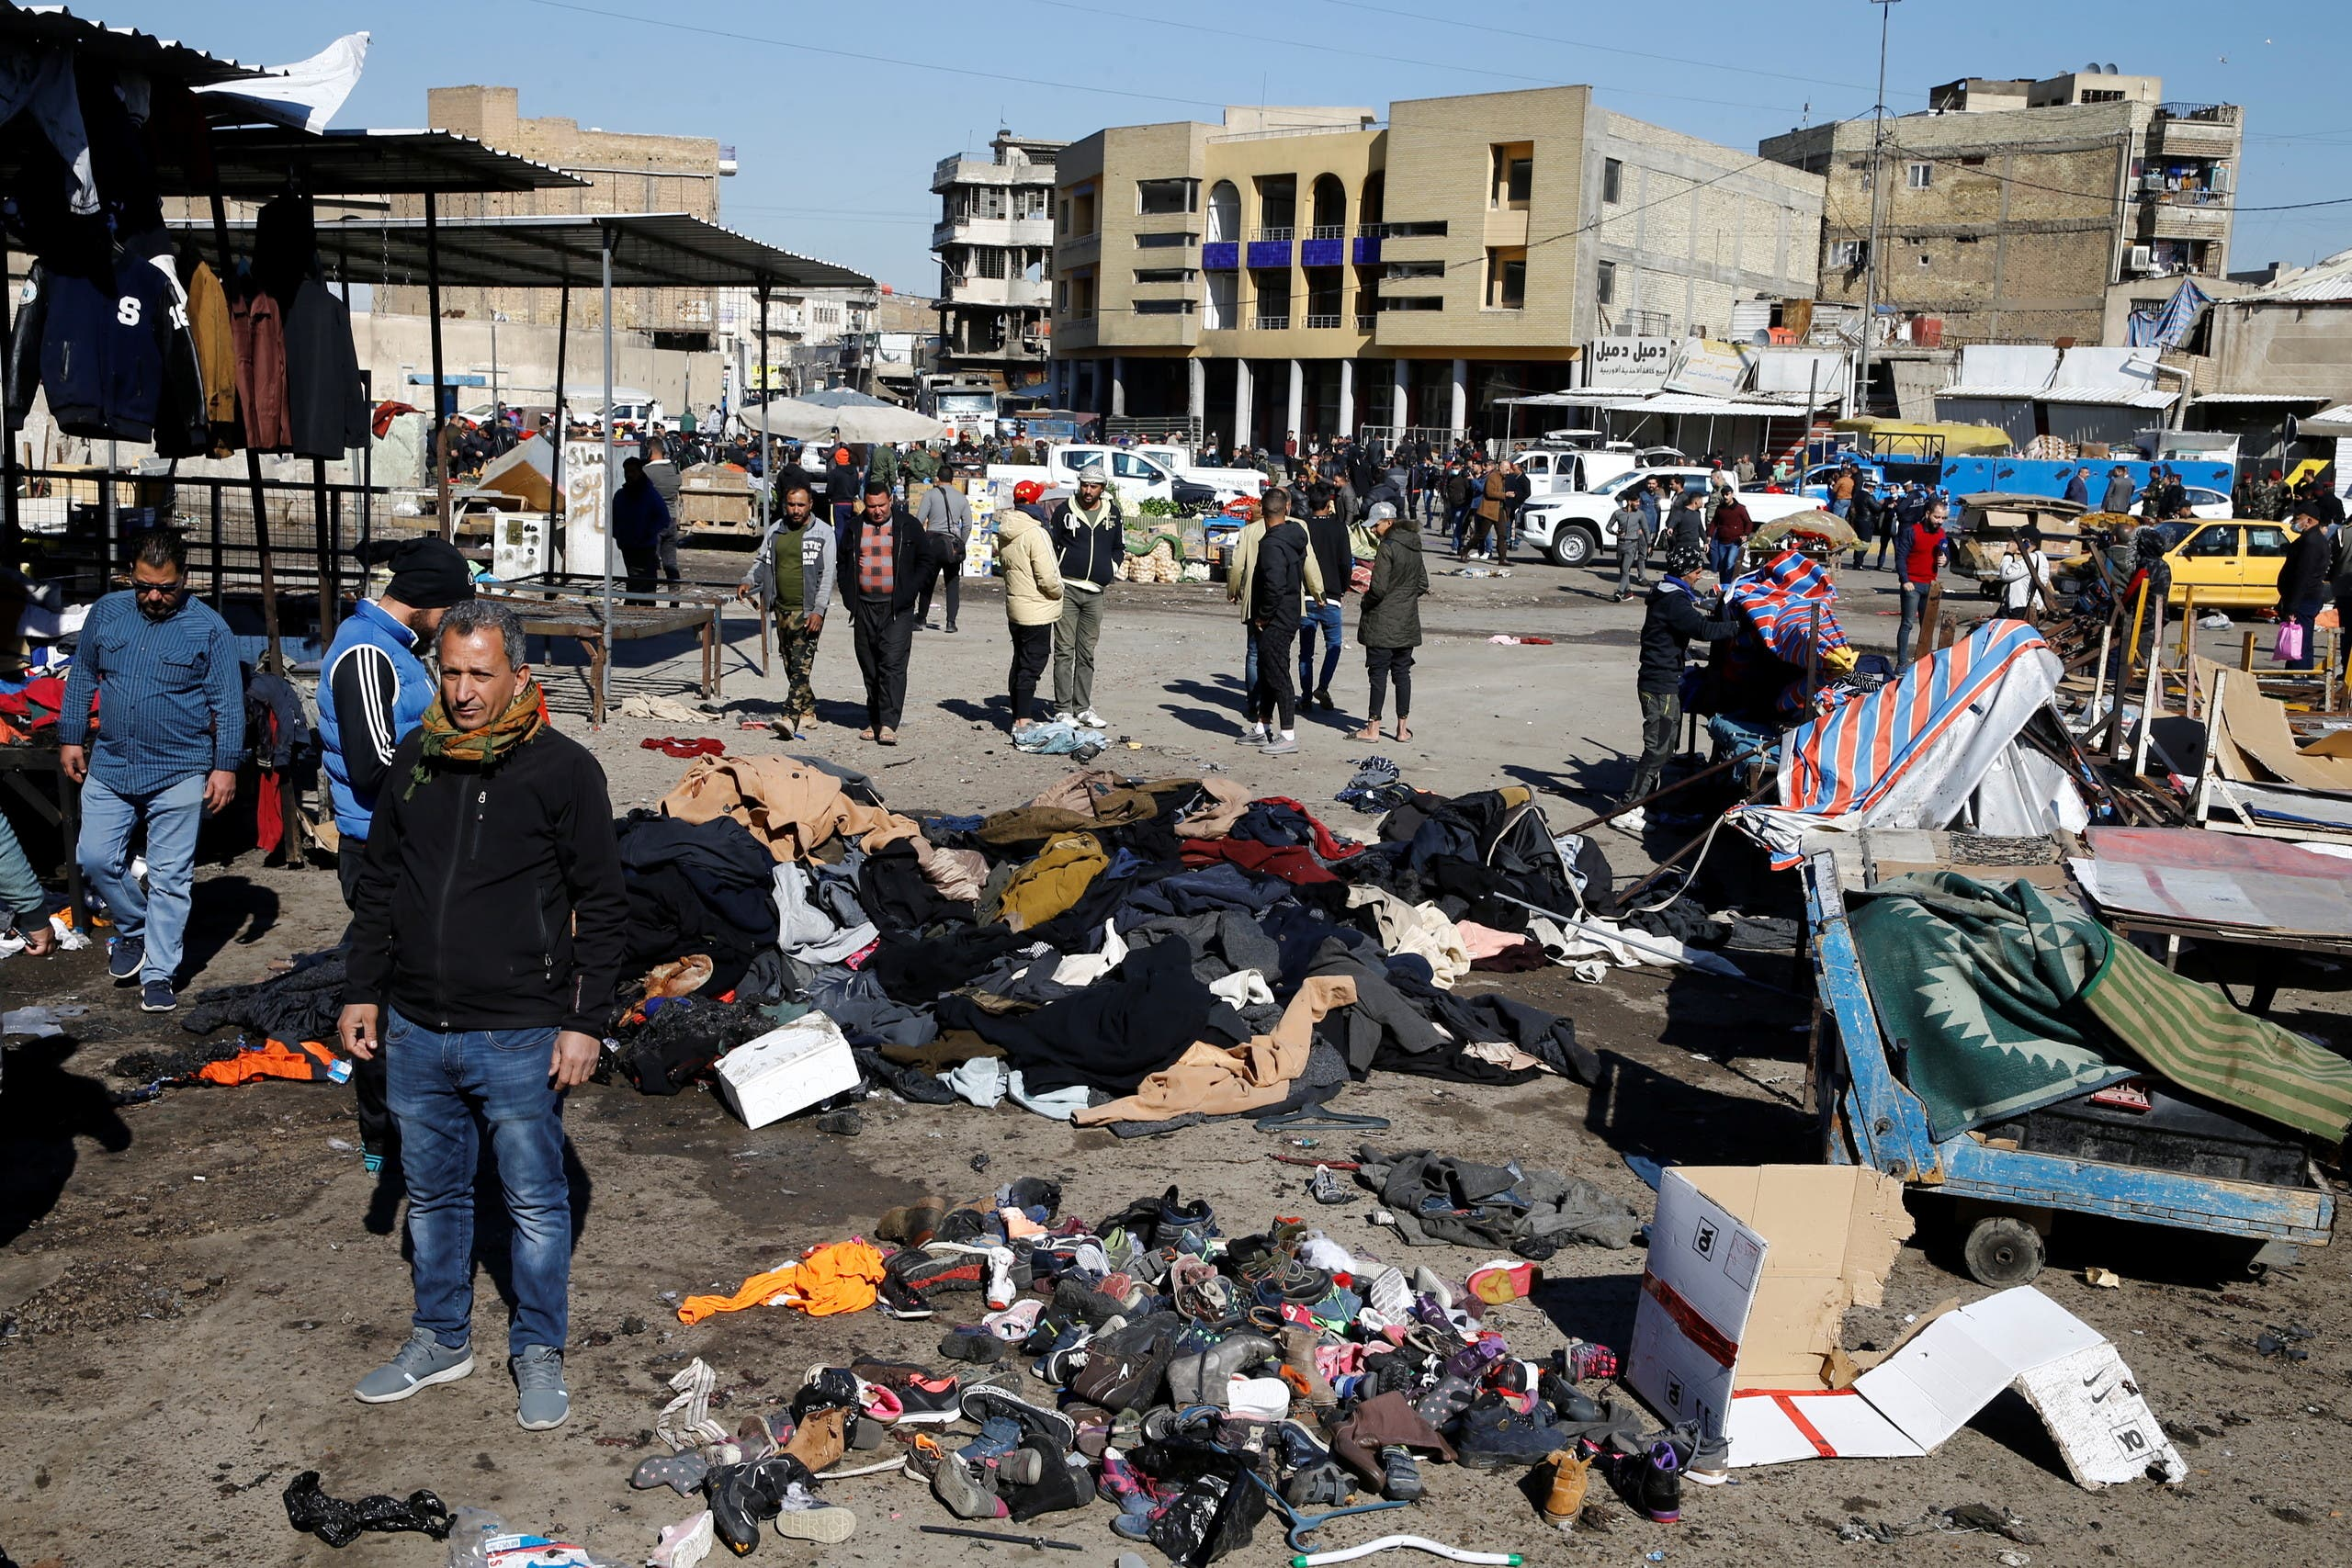 من تفجير بغداد الذي تبناه داعش في 21 يناير الماضي